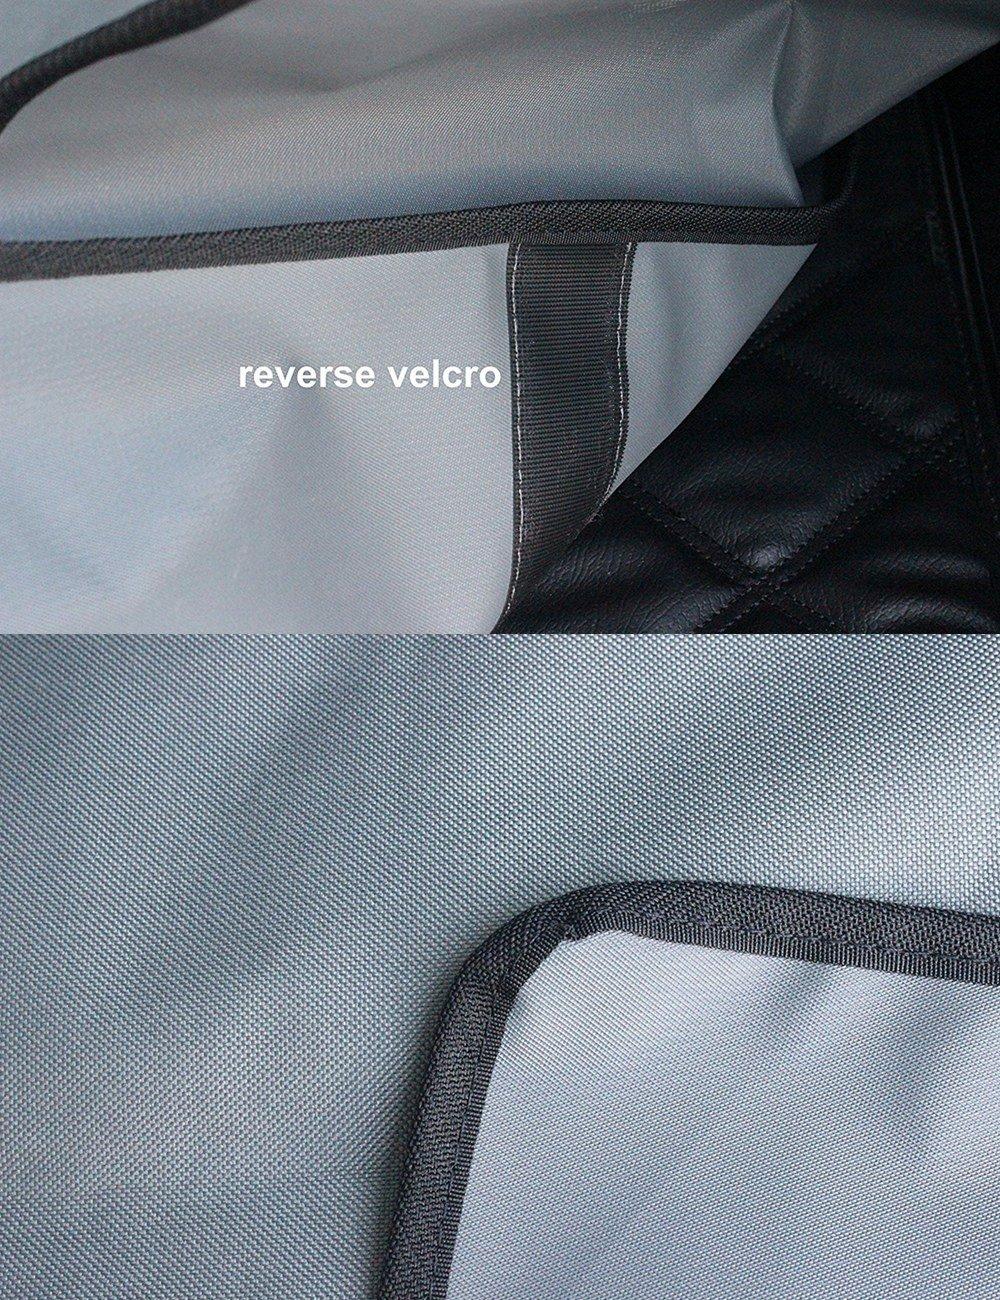 HCMAX Luxus Hund Autositz/überzug Haustiere H/ängematte Cabrio Abdeckung Wasserdicht R/ücksitzbez/üge mit Seitenklappen f/ür Auto SUV LKW